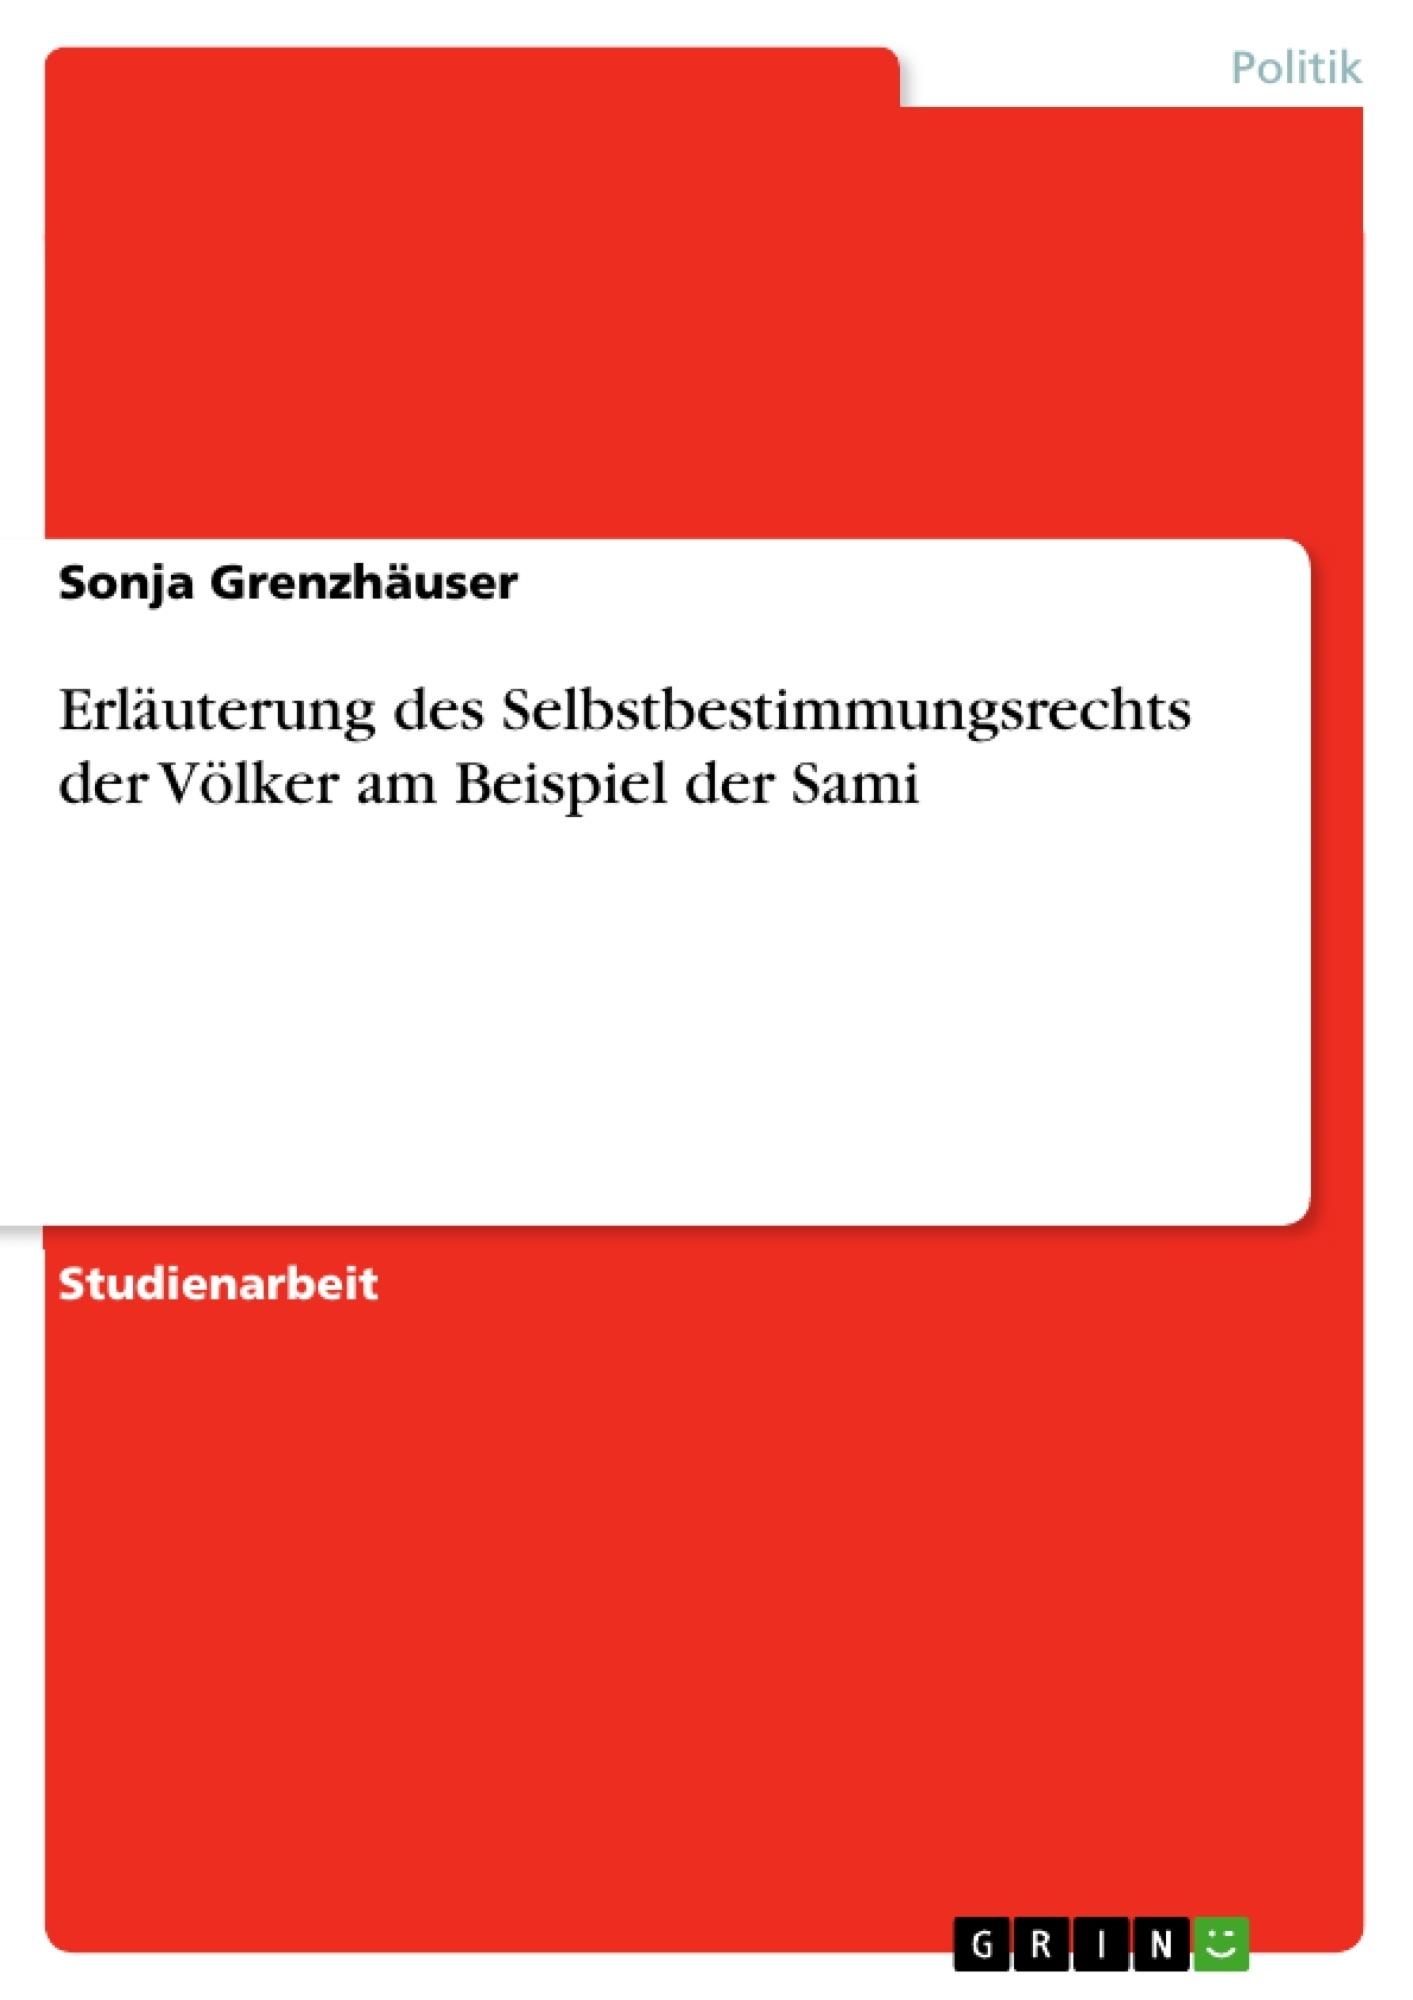 Titel: Erläuterung des Selbstbestimmungsrechts der Völker am Beispiel der Sami